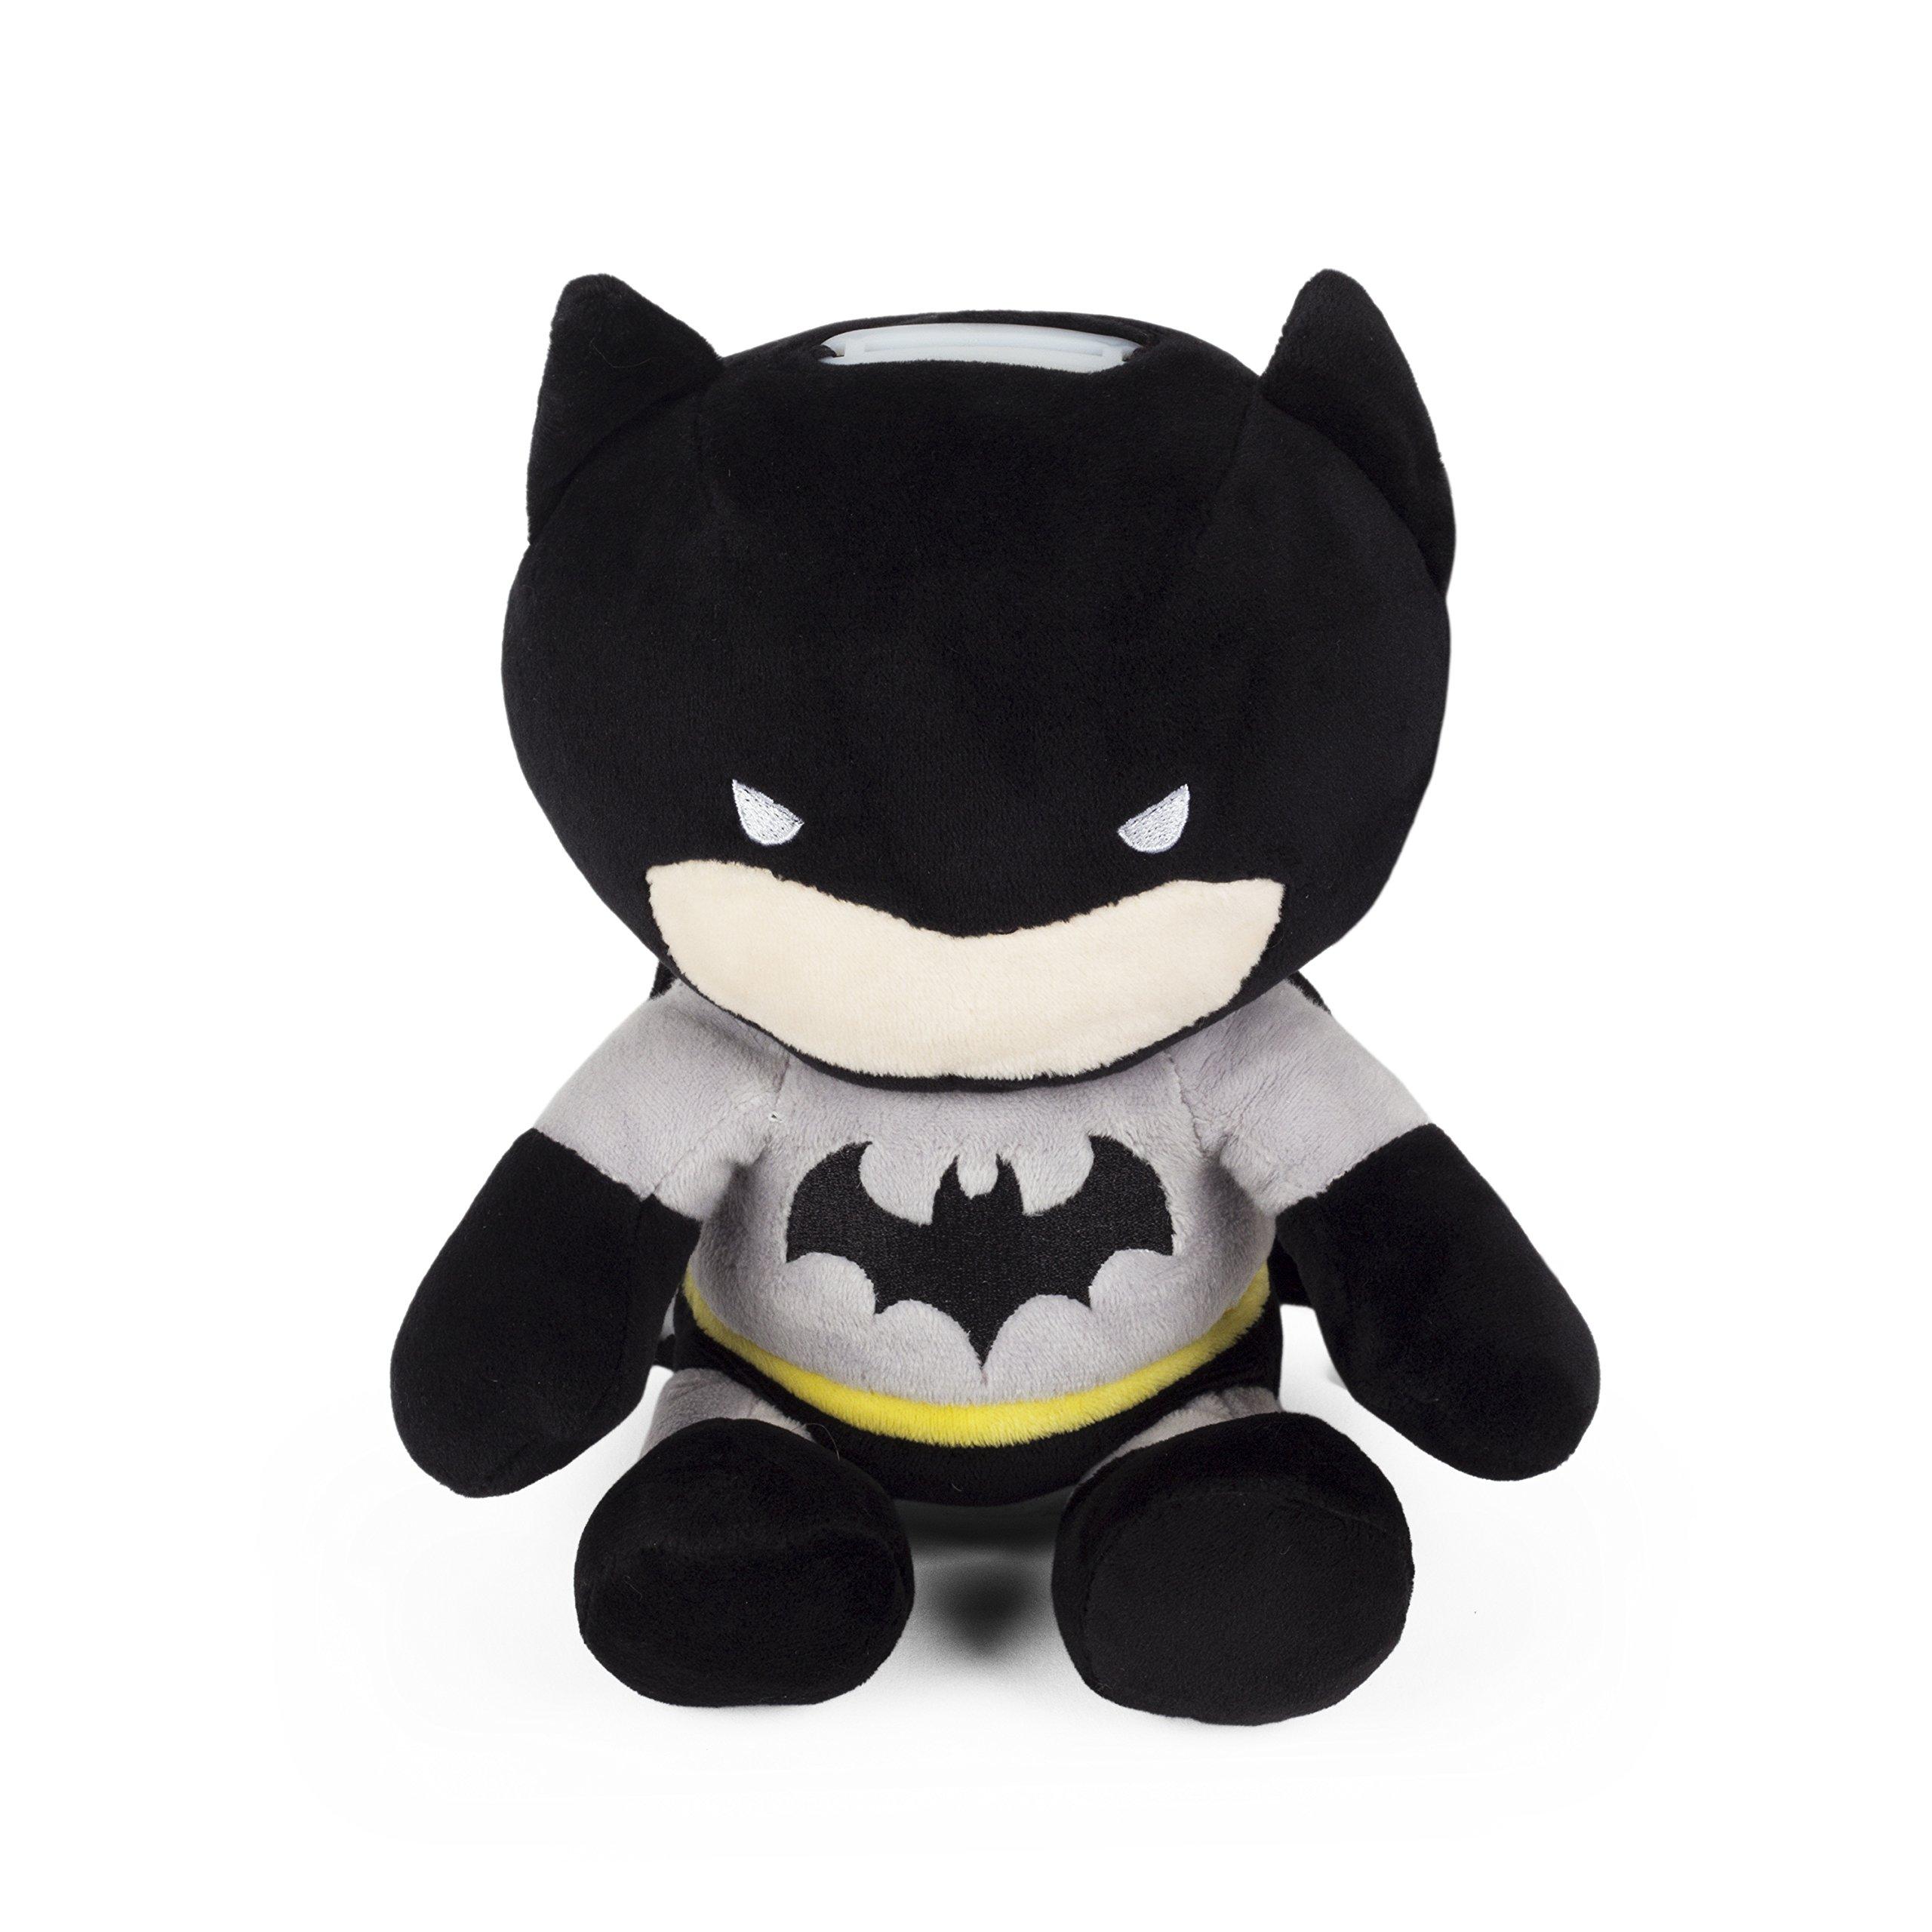 DC Comics Batman Black Plush Coin Money Bank